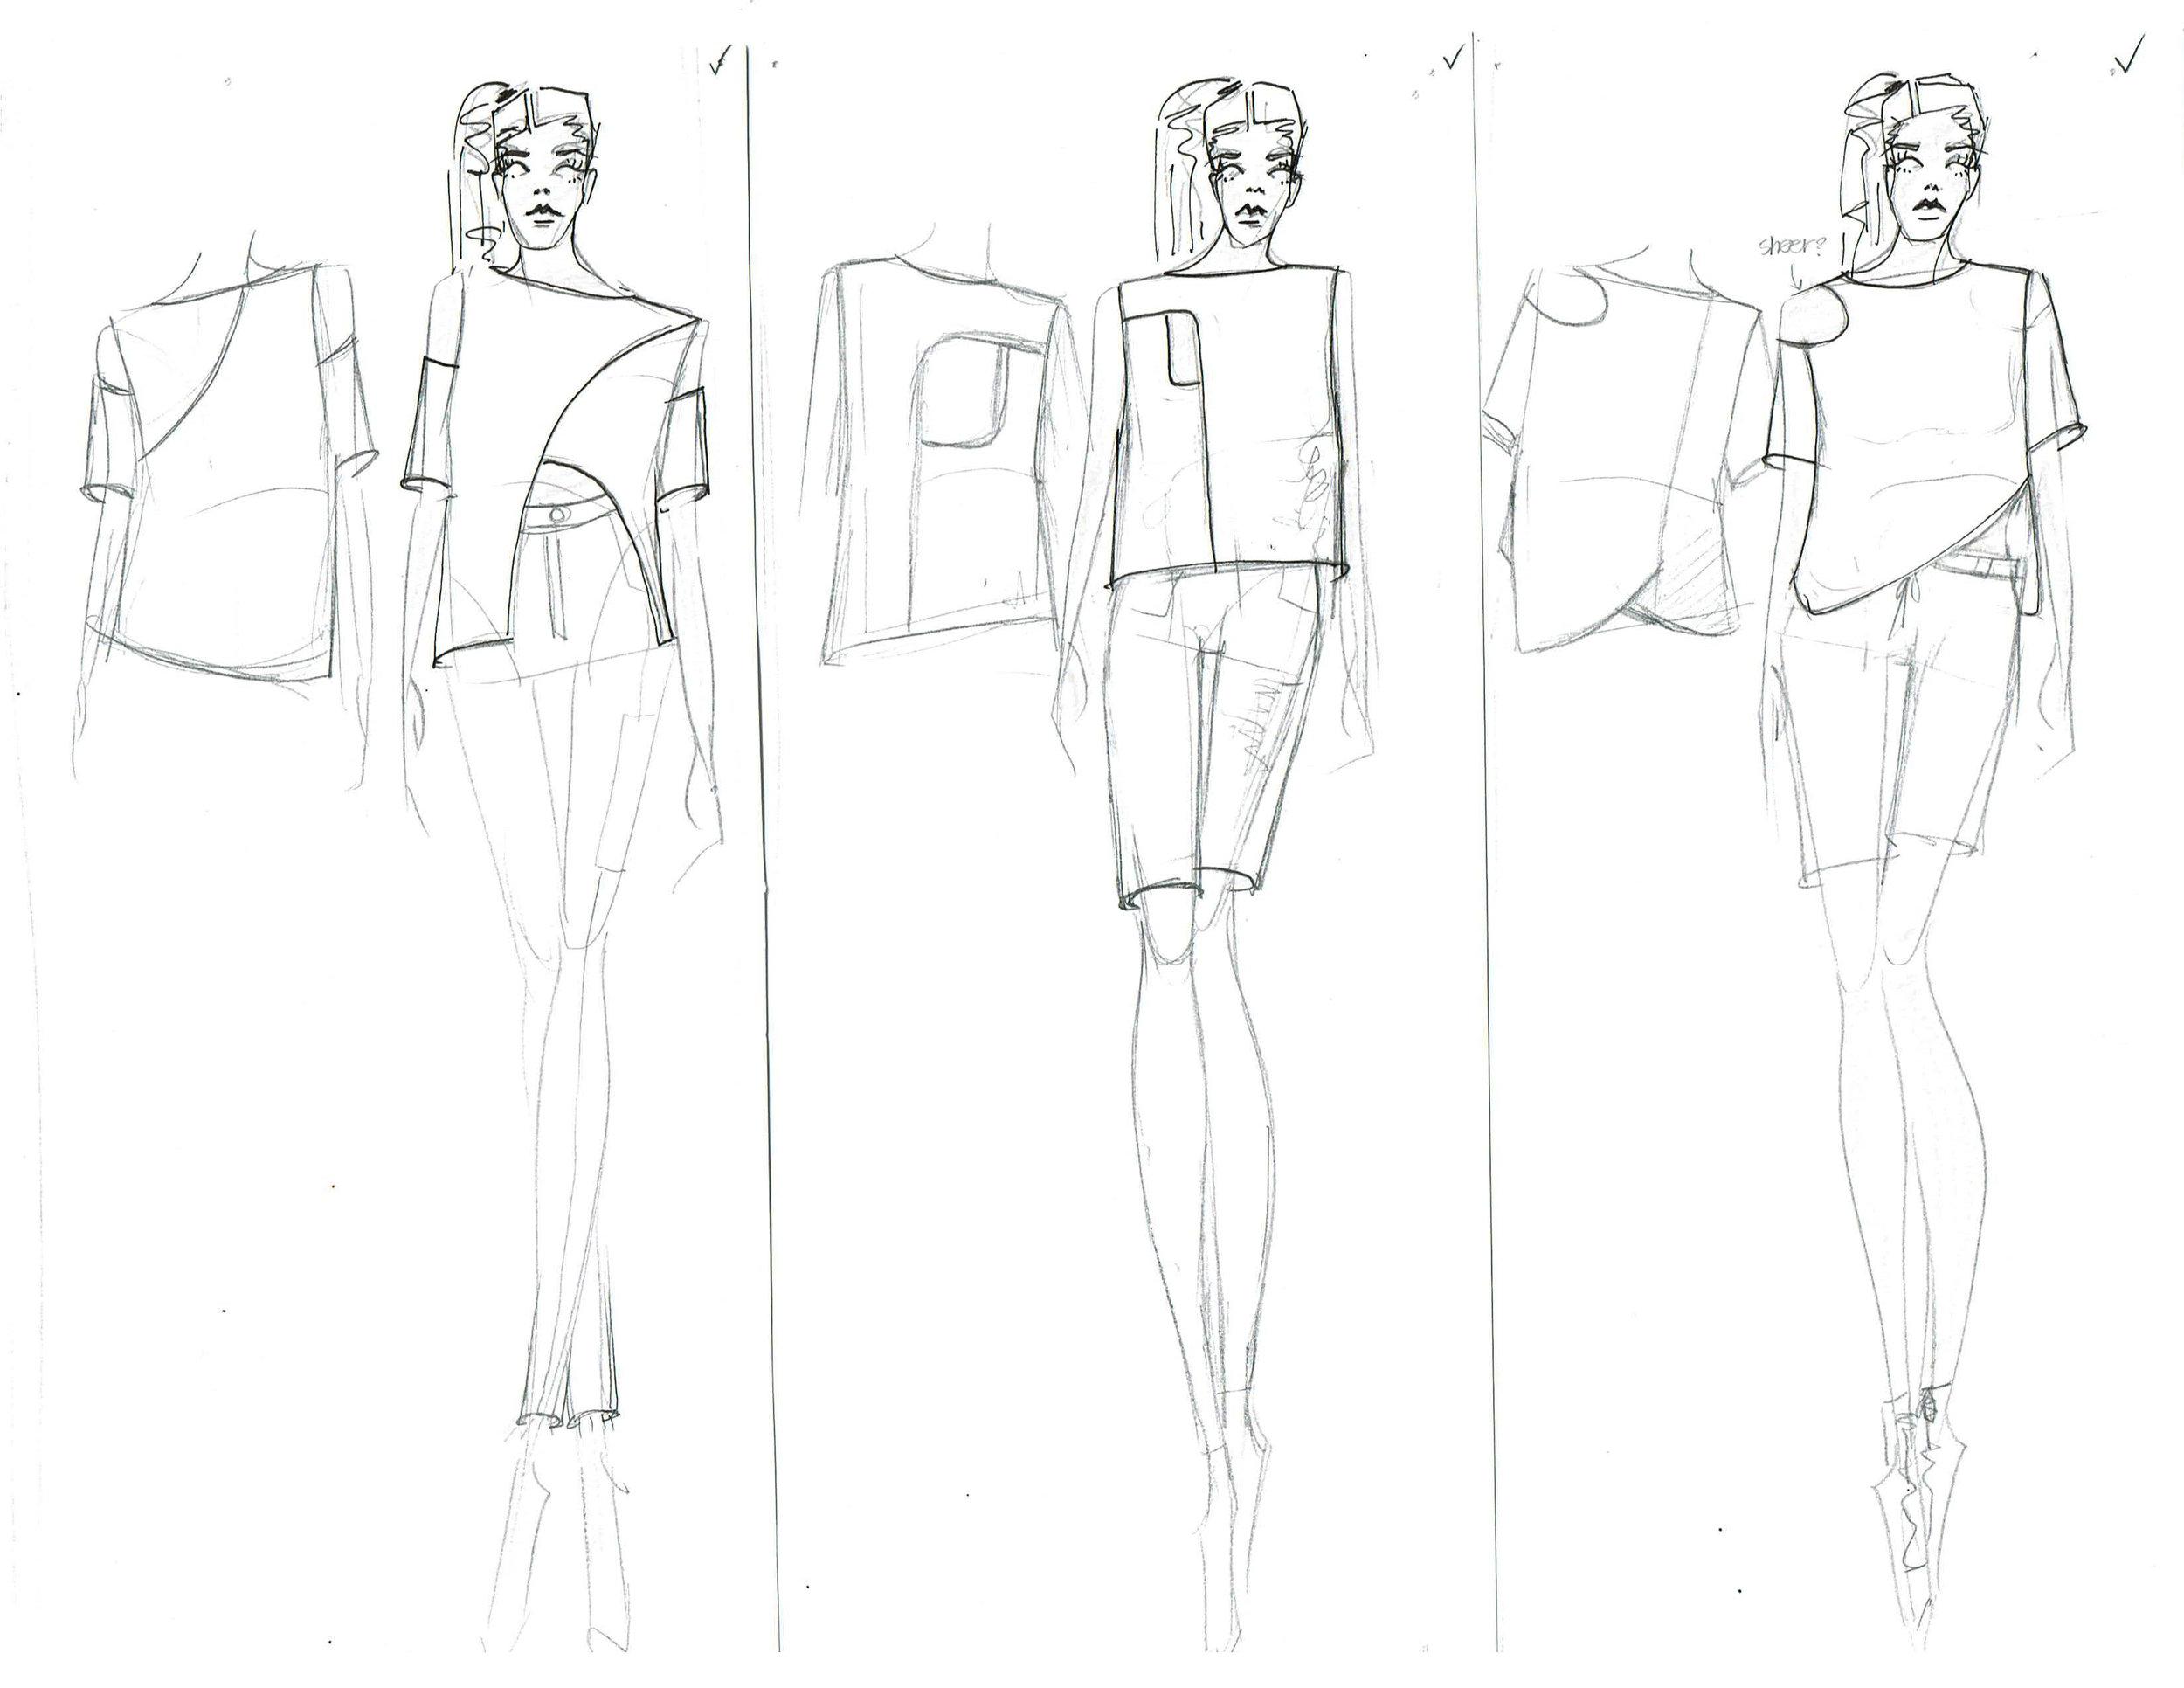 sketches4 copy copy.jpg